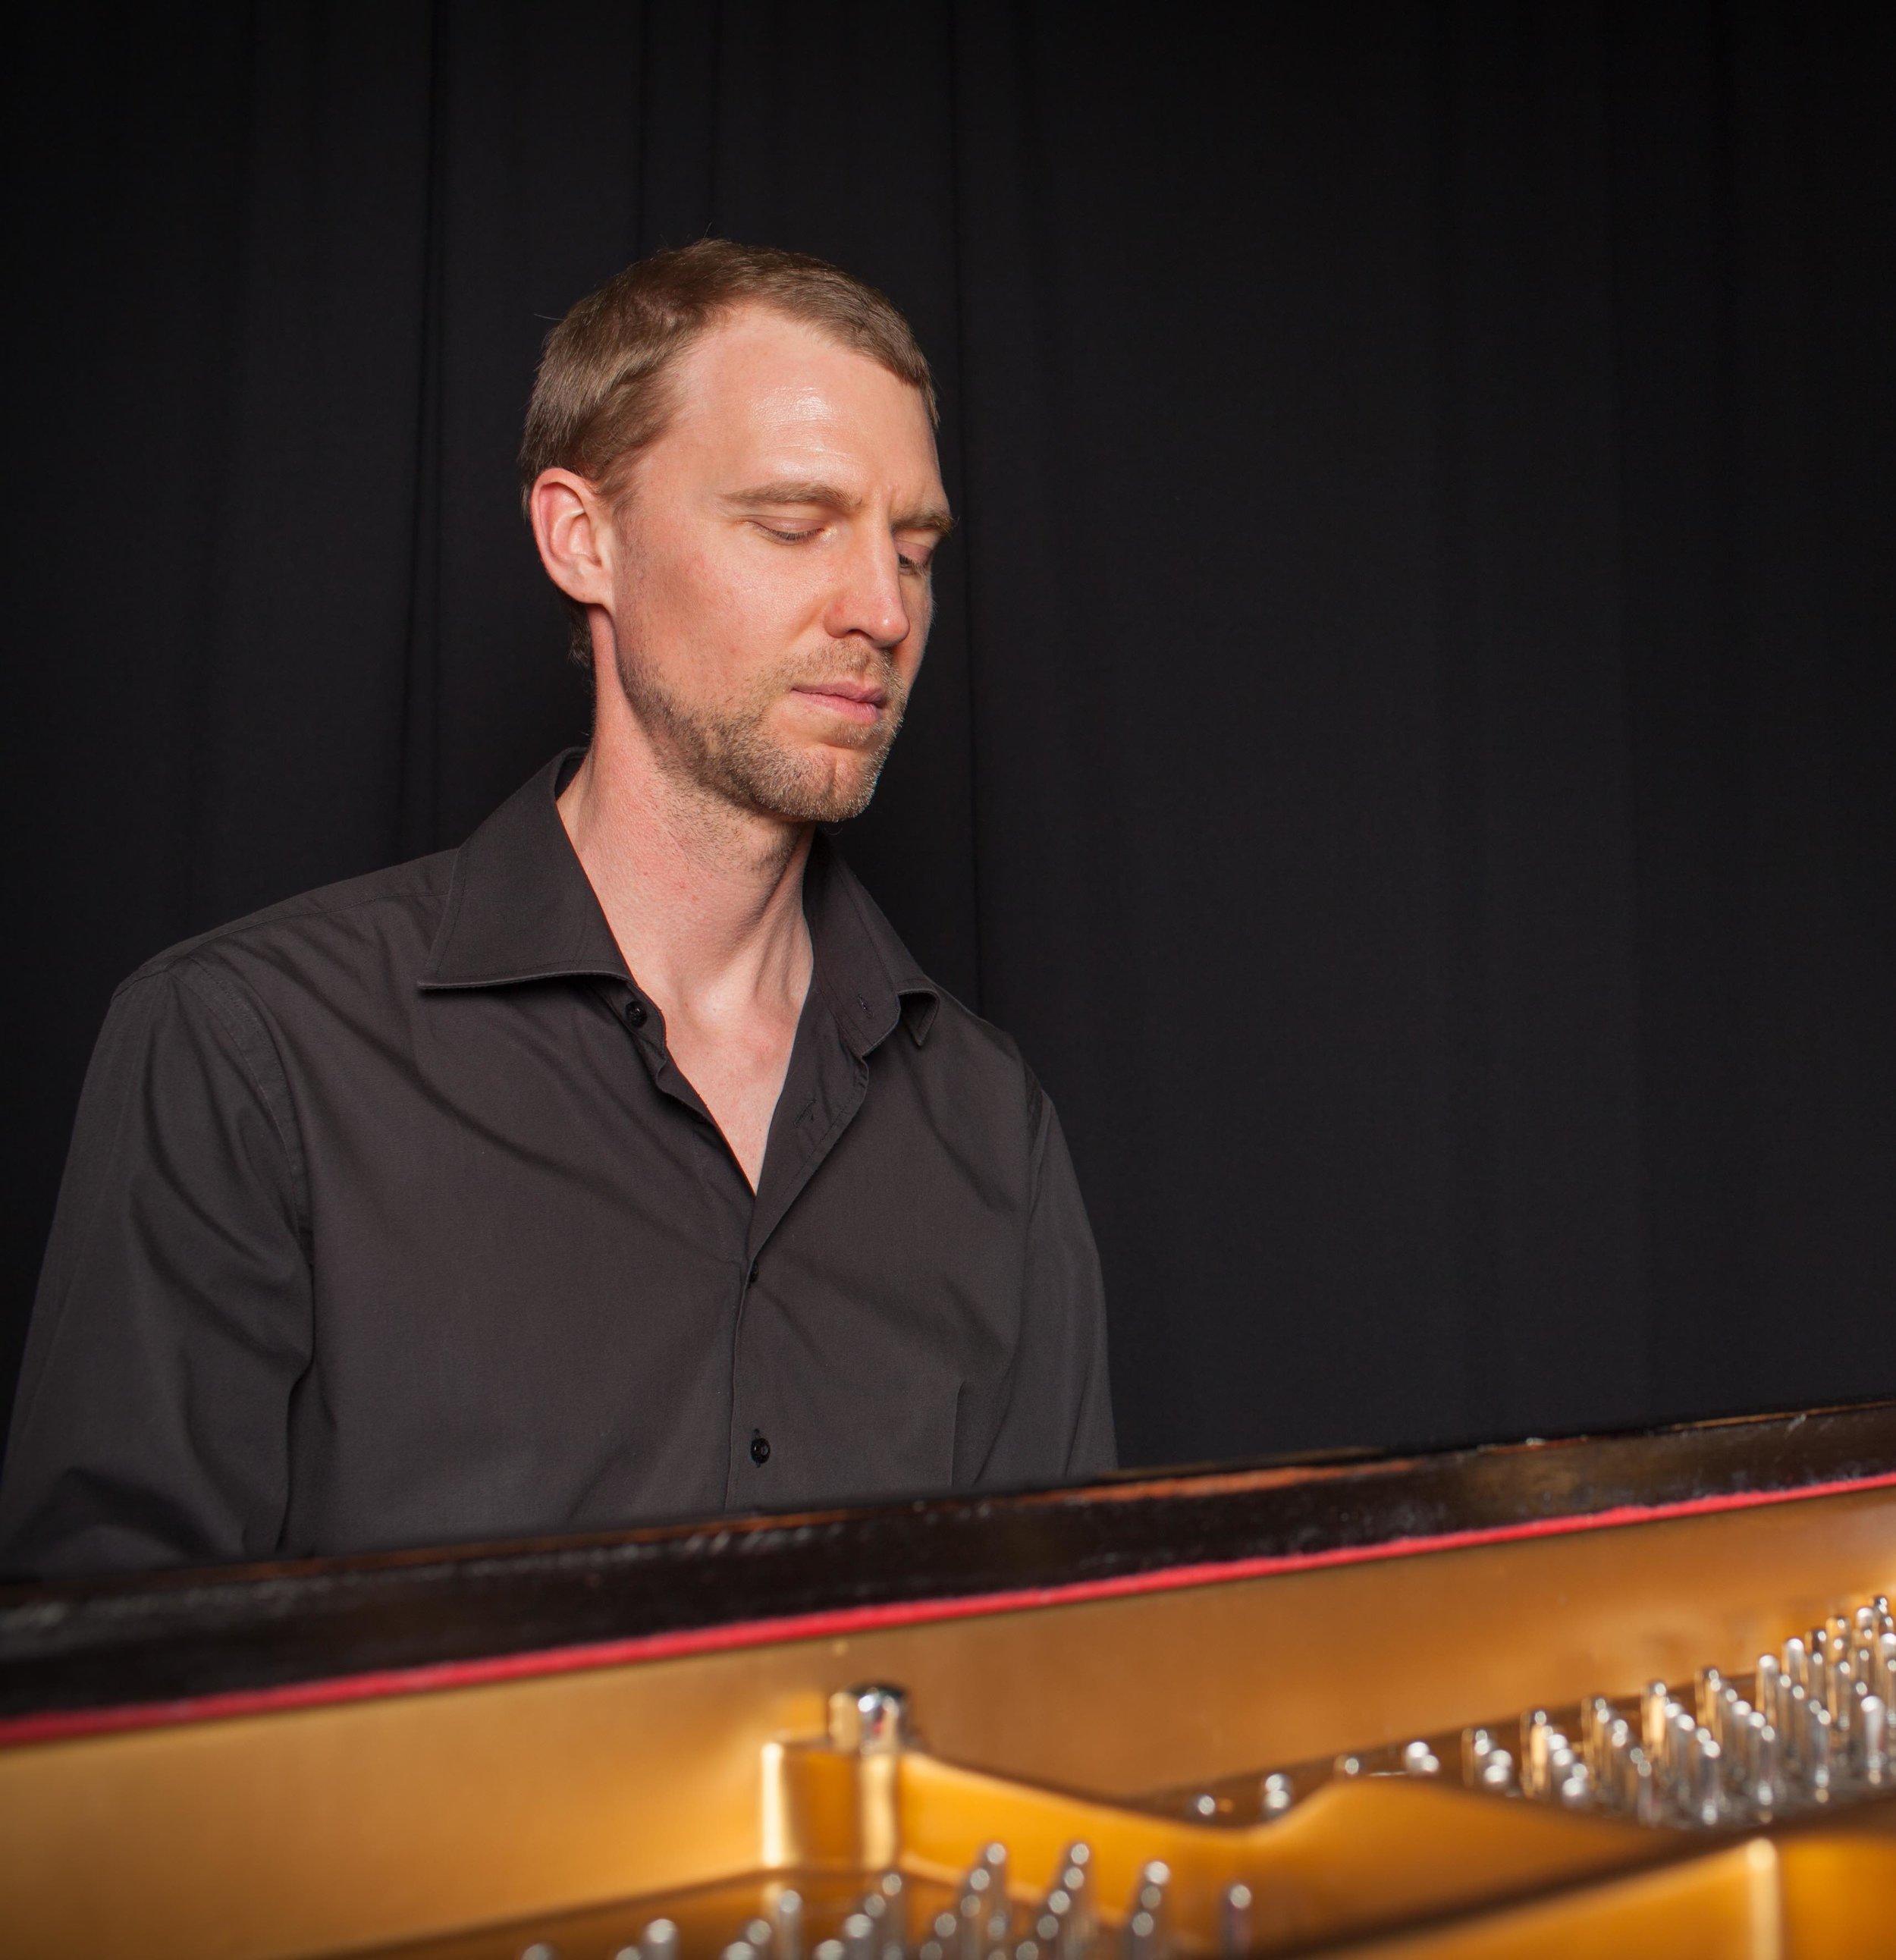 Jeremy Woolhouse jazz pianist